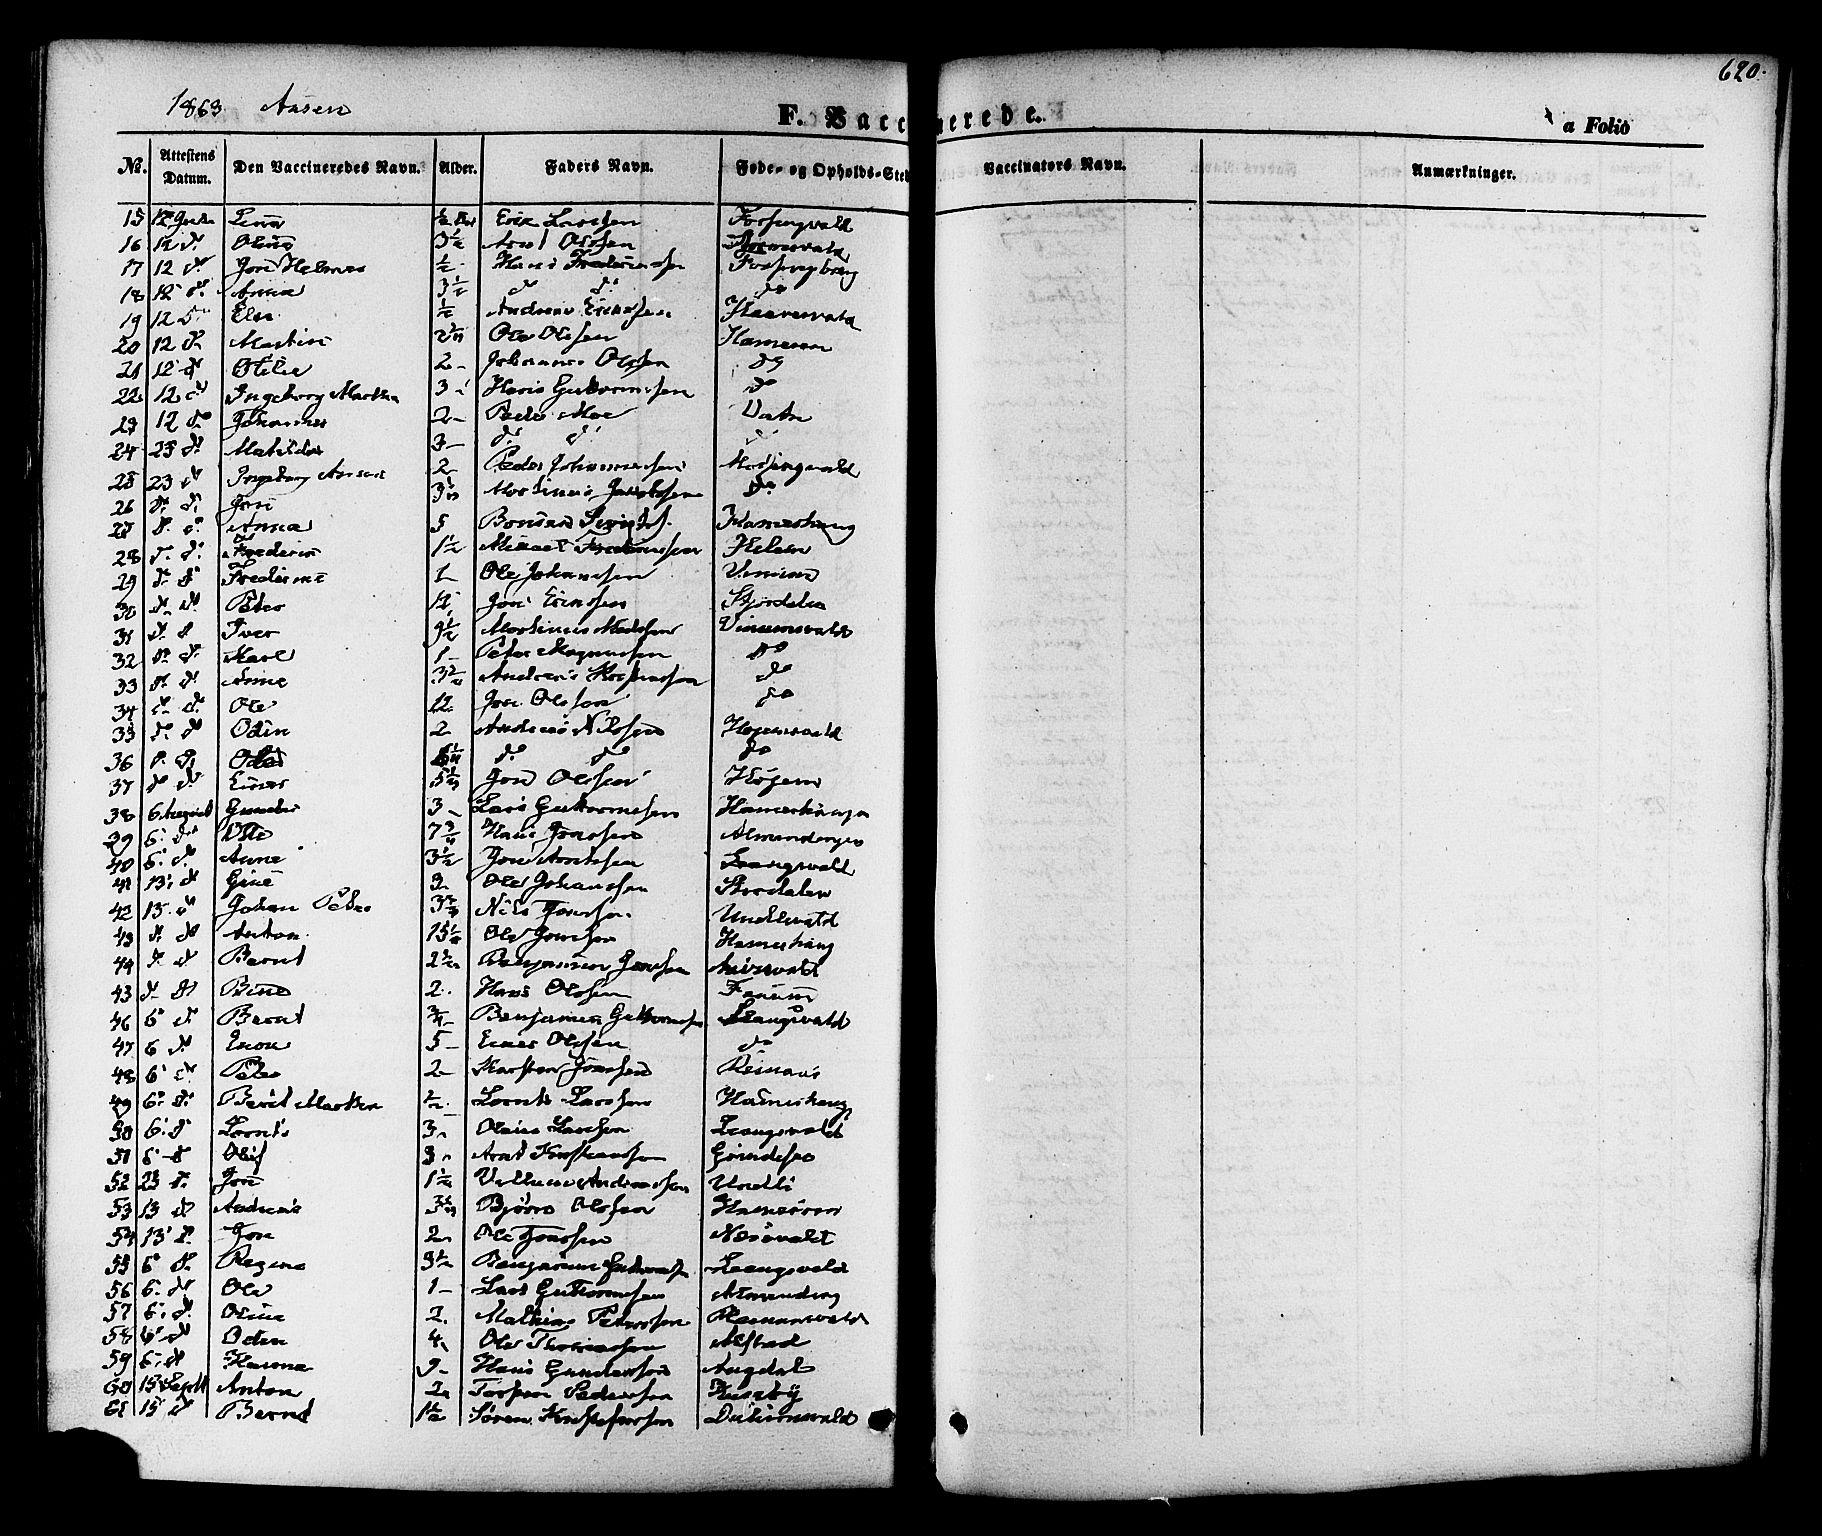 SAT, Ministerialprotokoller, klokkerbøker og fødselsregistre - Nord-Trøndelag, 713/L0116: Ministerialbok nr. 713A07 /1, 1850-1877, s. 620